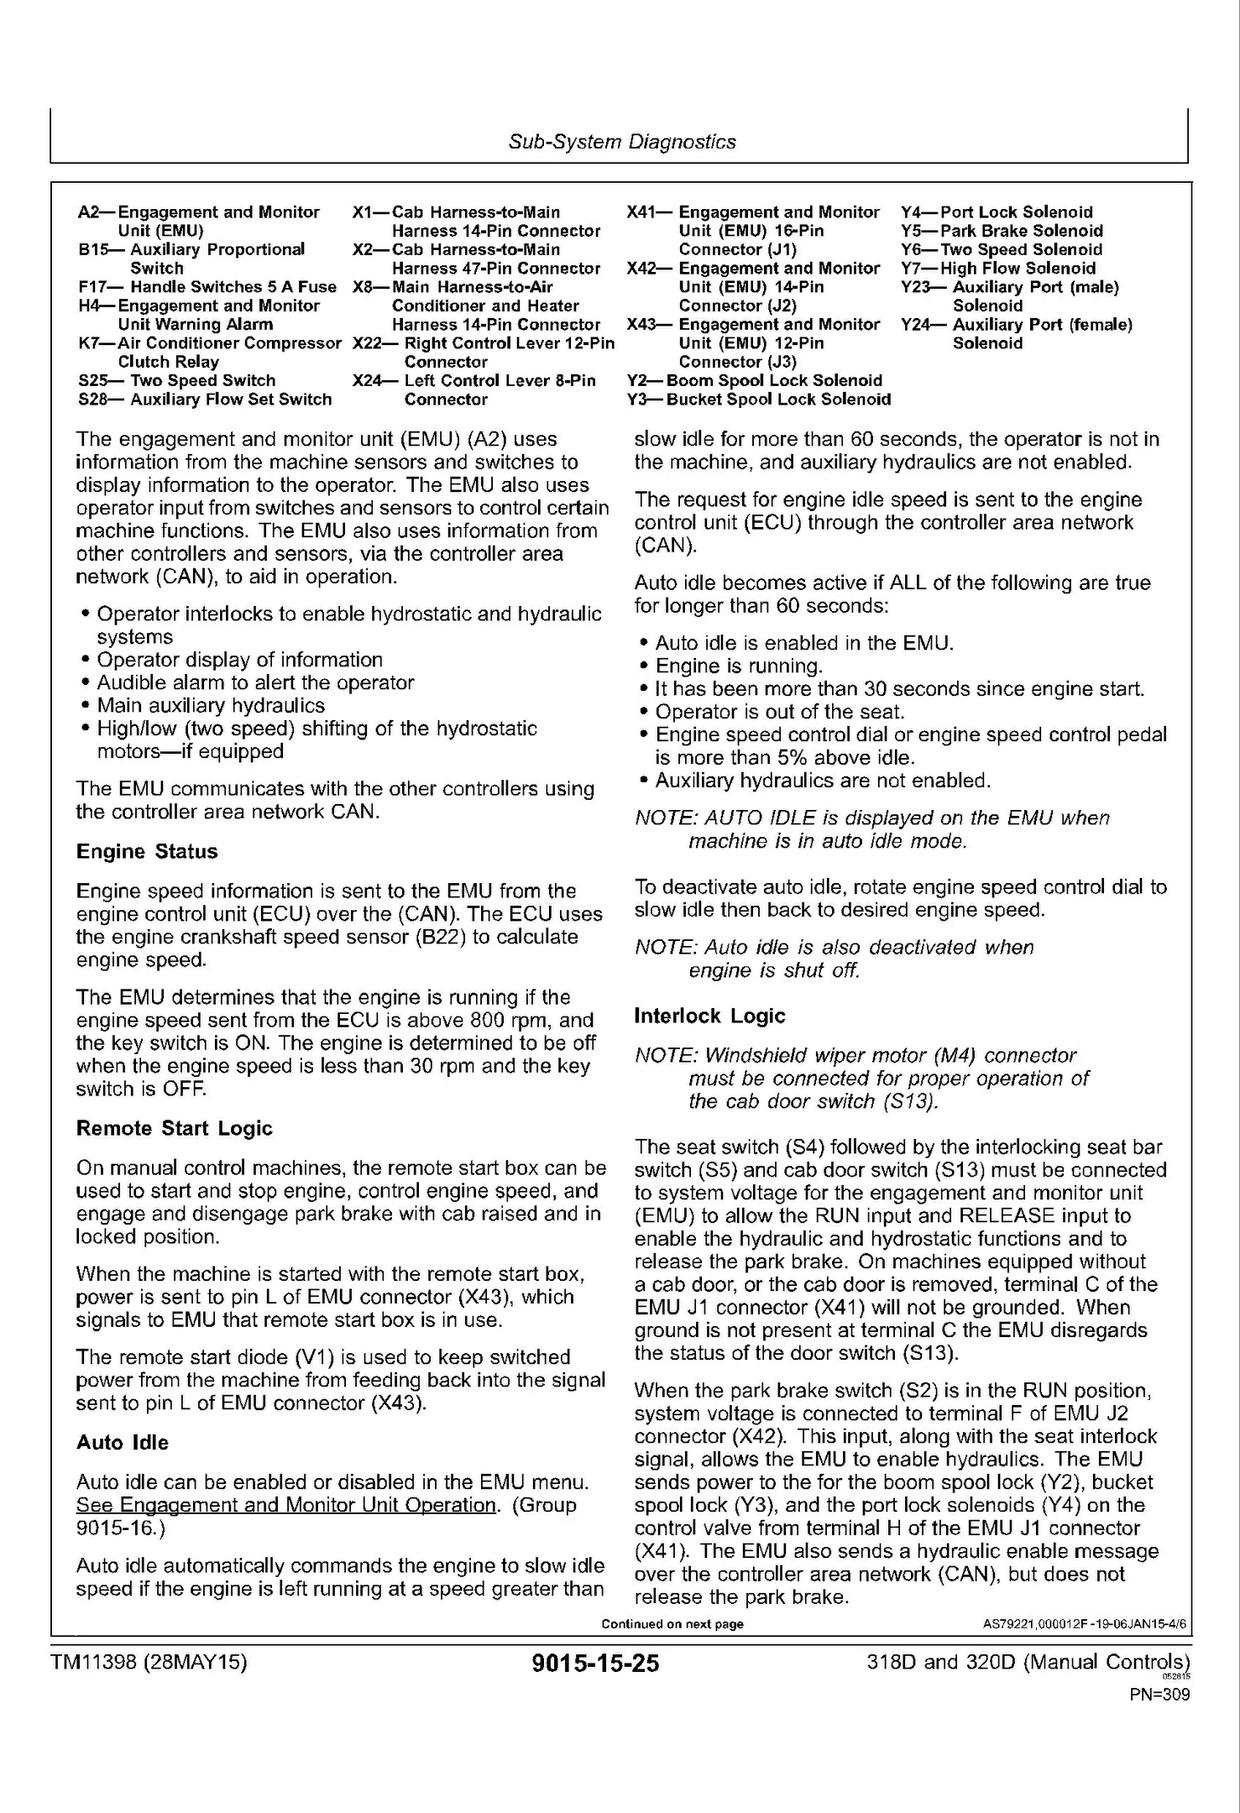 Pdf Download John Deere 318D, 319D, 320D and 323D Skid Steer Loader Operation Test Manual TM11398